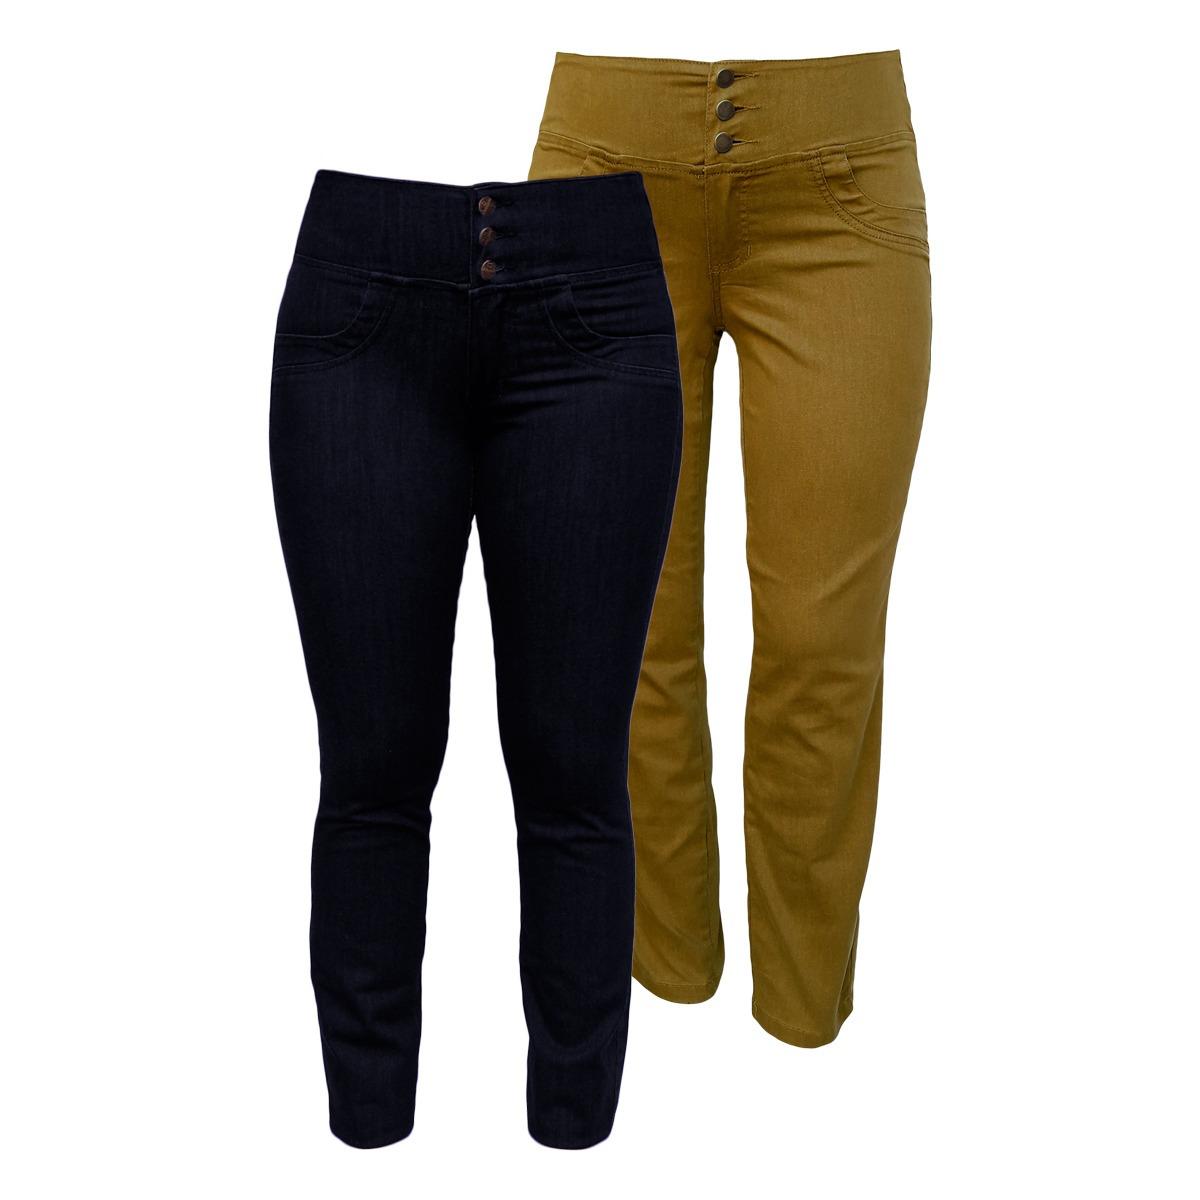 10f57250d calça jeans feminina elástico cós traseiro plus size. Carregando zoom.